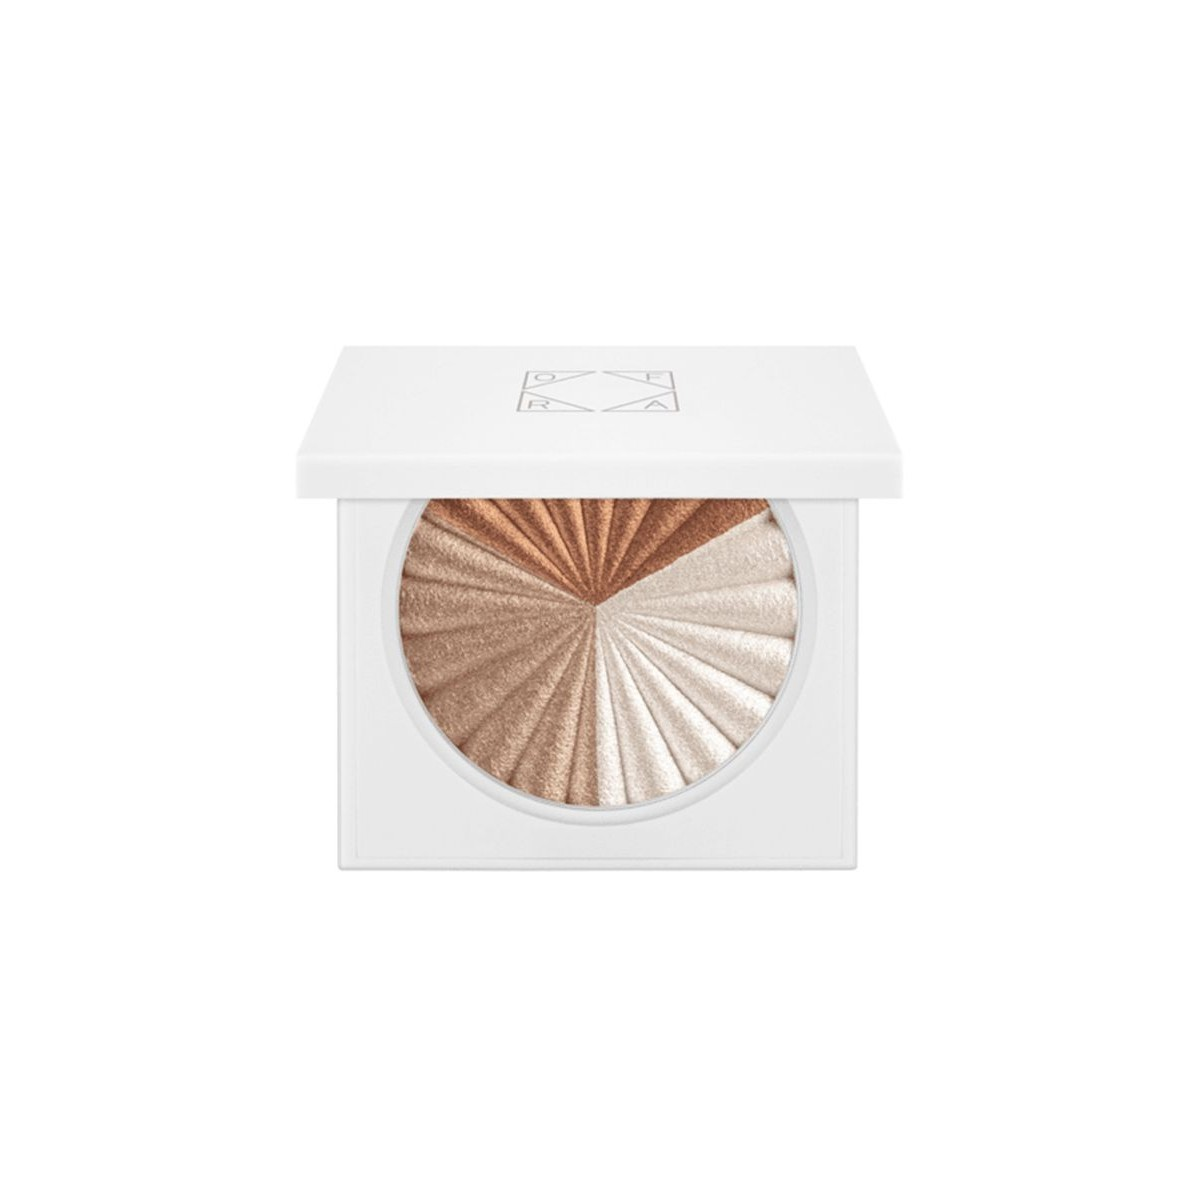 اضاءة - بودرة - اوفراء ثلاتي -لتوحيد لون البشرة، - بني، 10 جرام